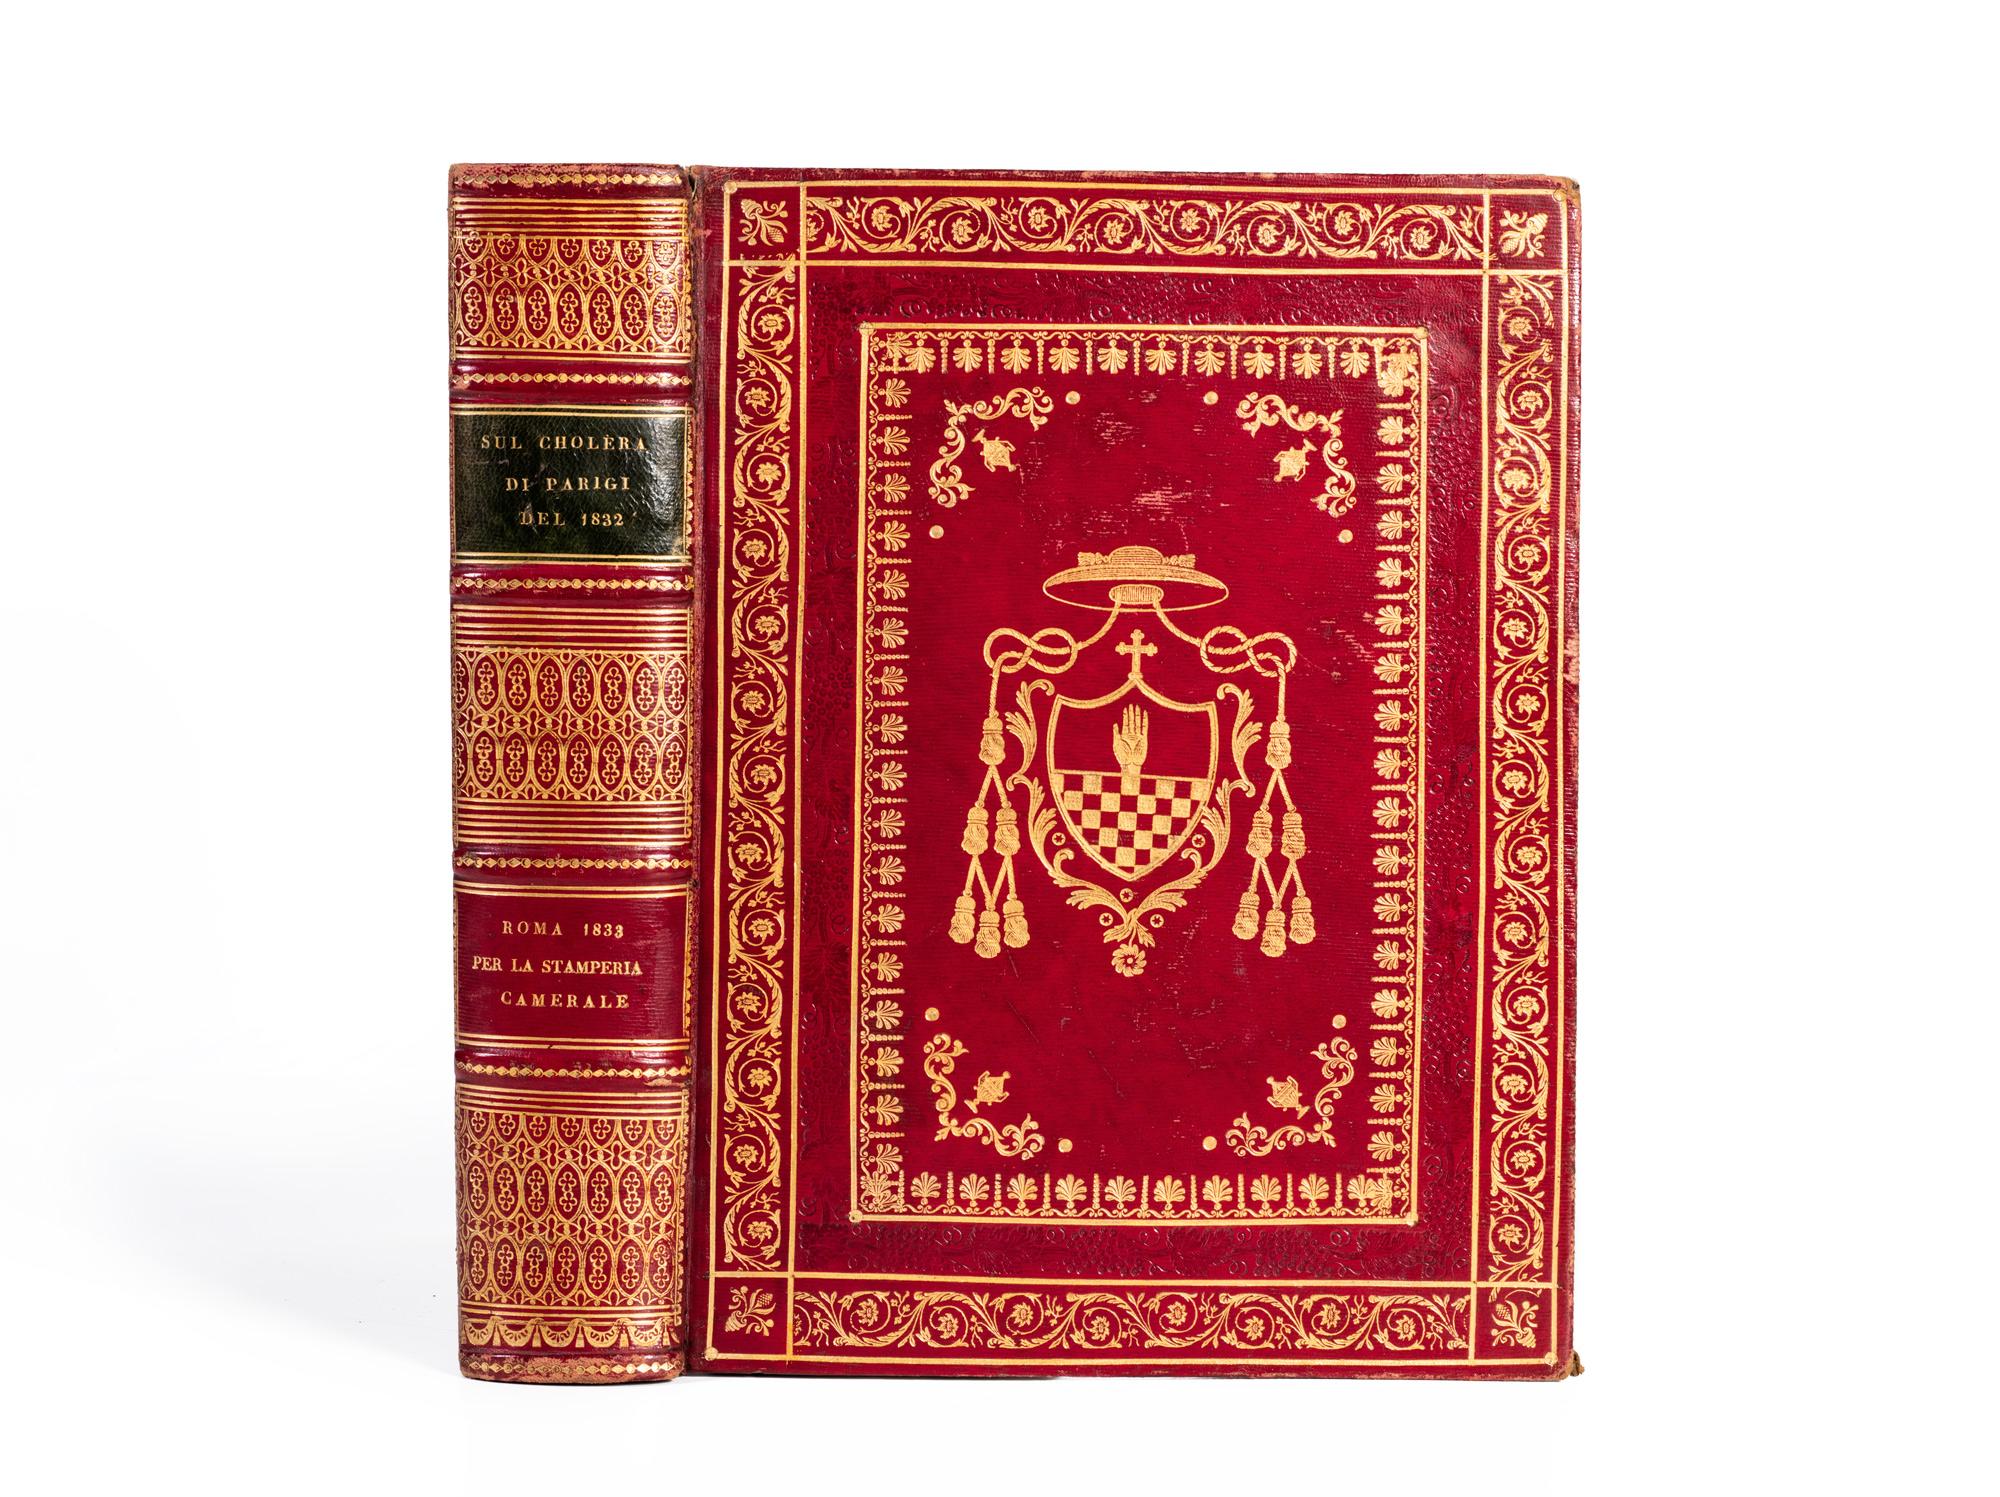 Storia medica del cholera indiano […] da […] Capello e […] Lupi cola inviati dal sommo pontefice Gregorio xvi nell'anno 1832